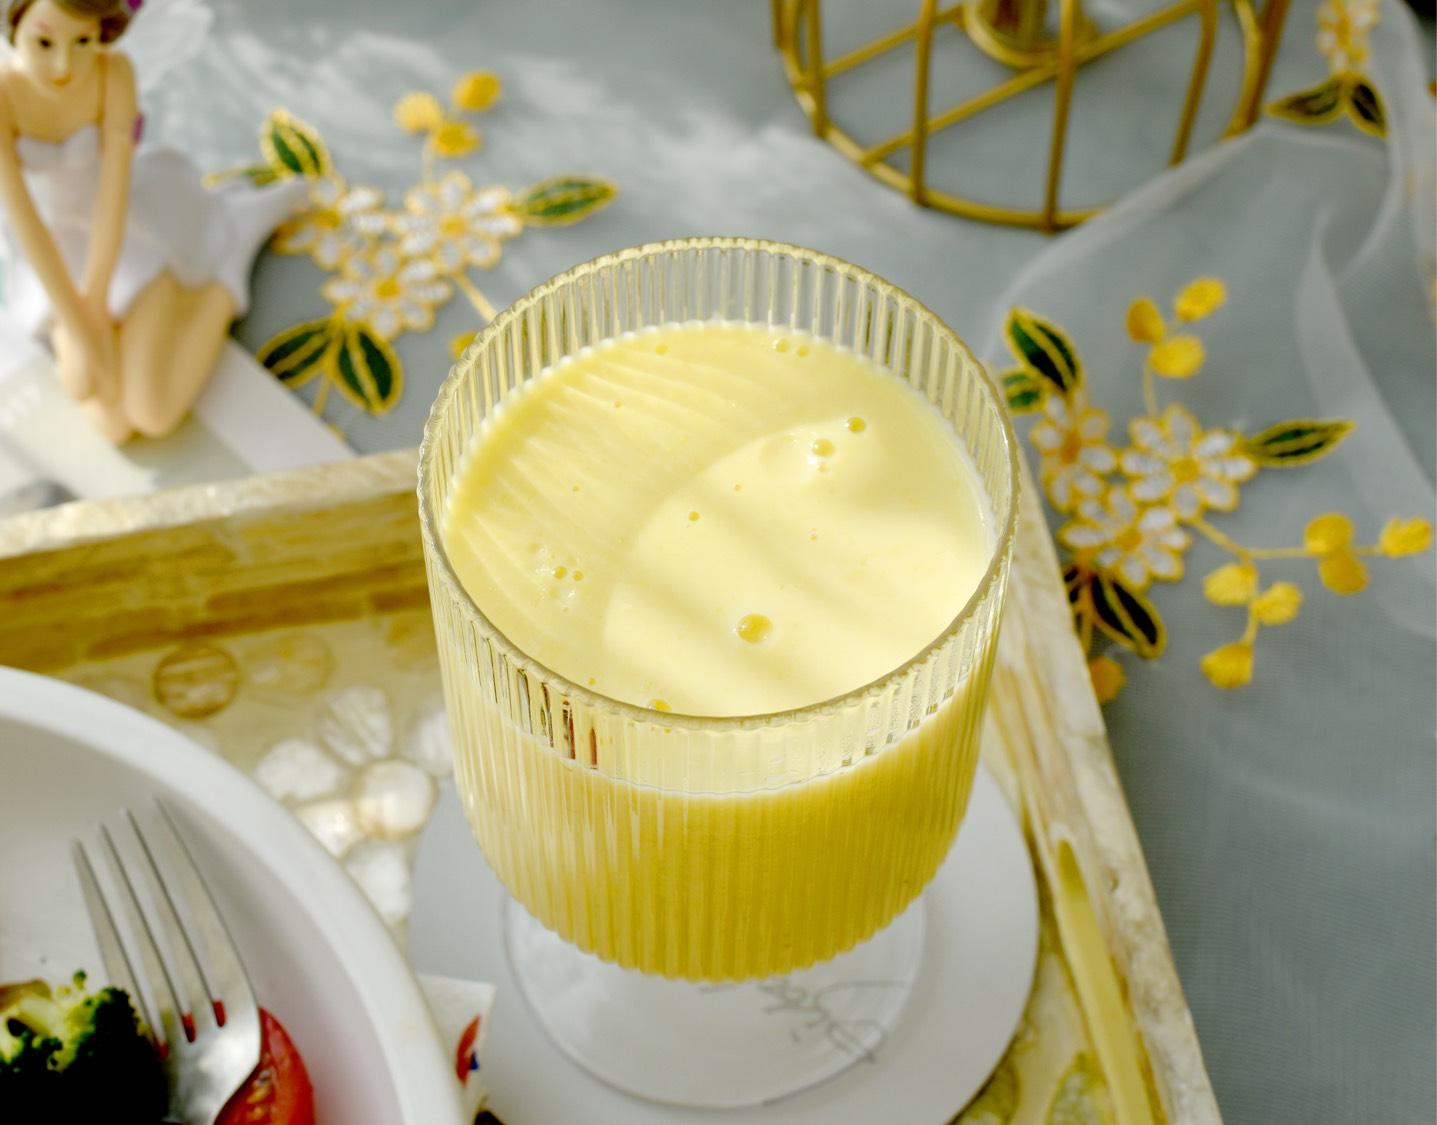 巨好喝的【奶香玉米汁】🌽比店里的还好喝!